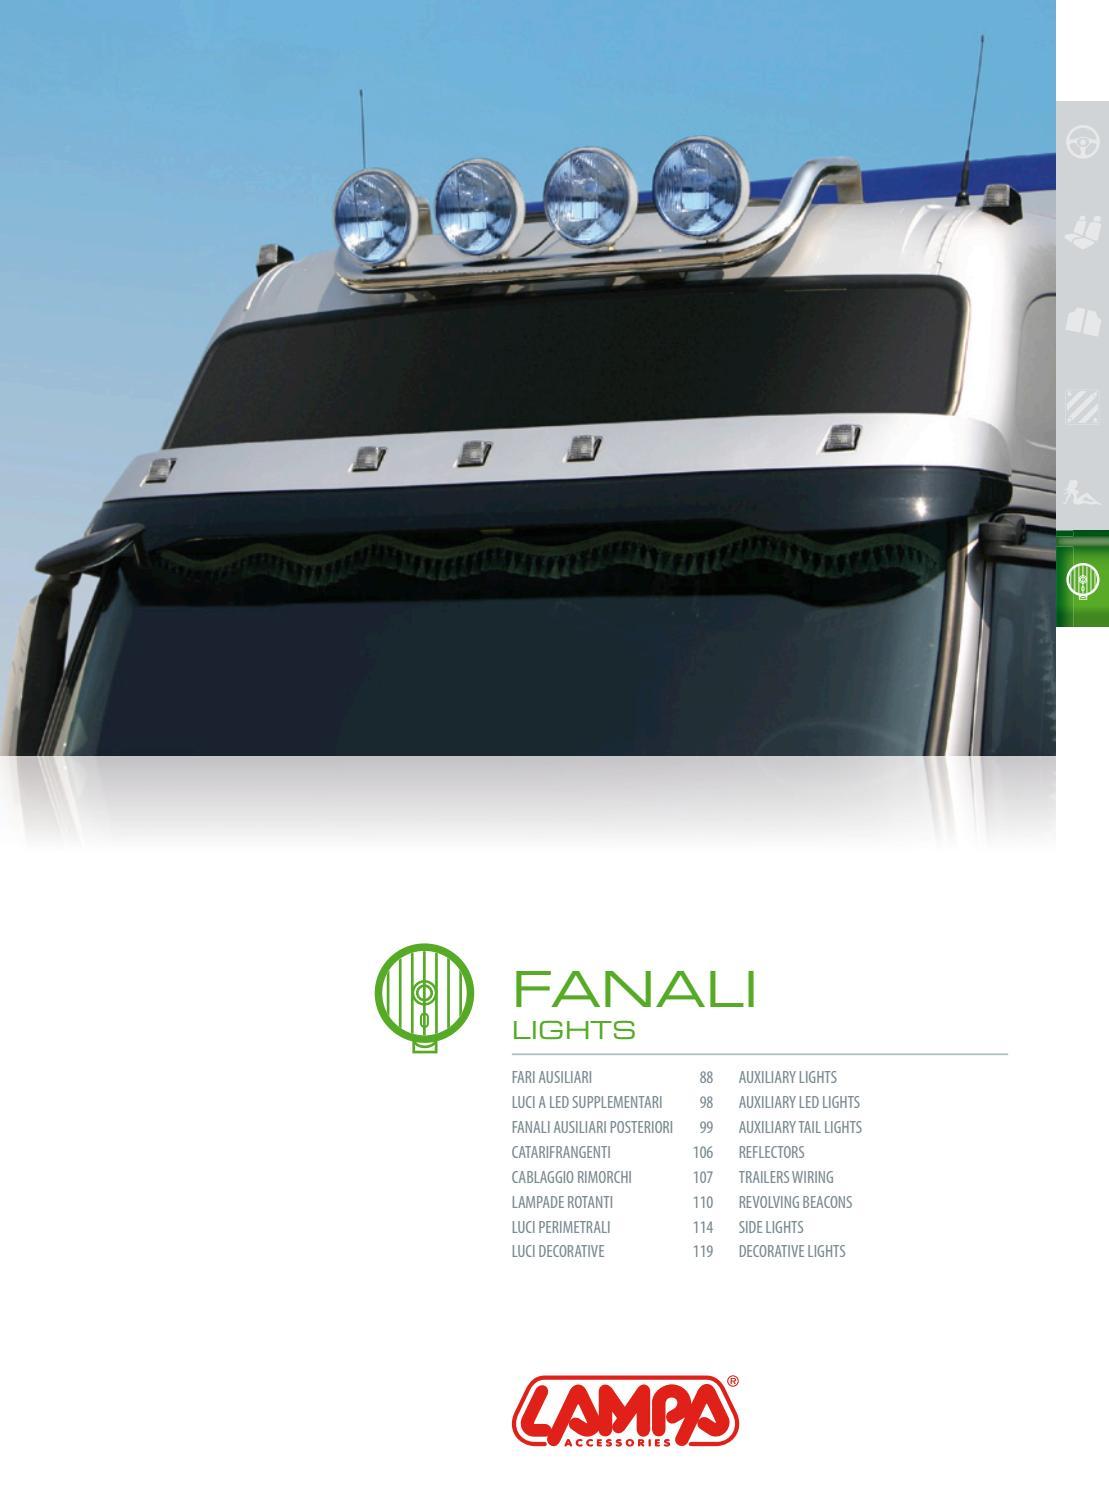 41504 FANALE ILLUMINAZIONE TARGA LED SMD 10//30V IN ABS PER CAMION CARRELLO LAMPA